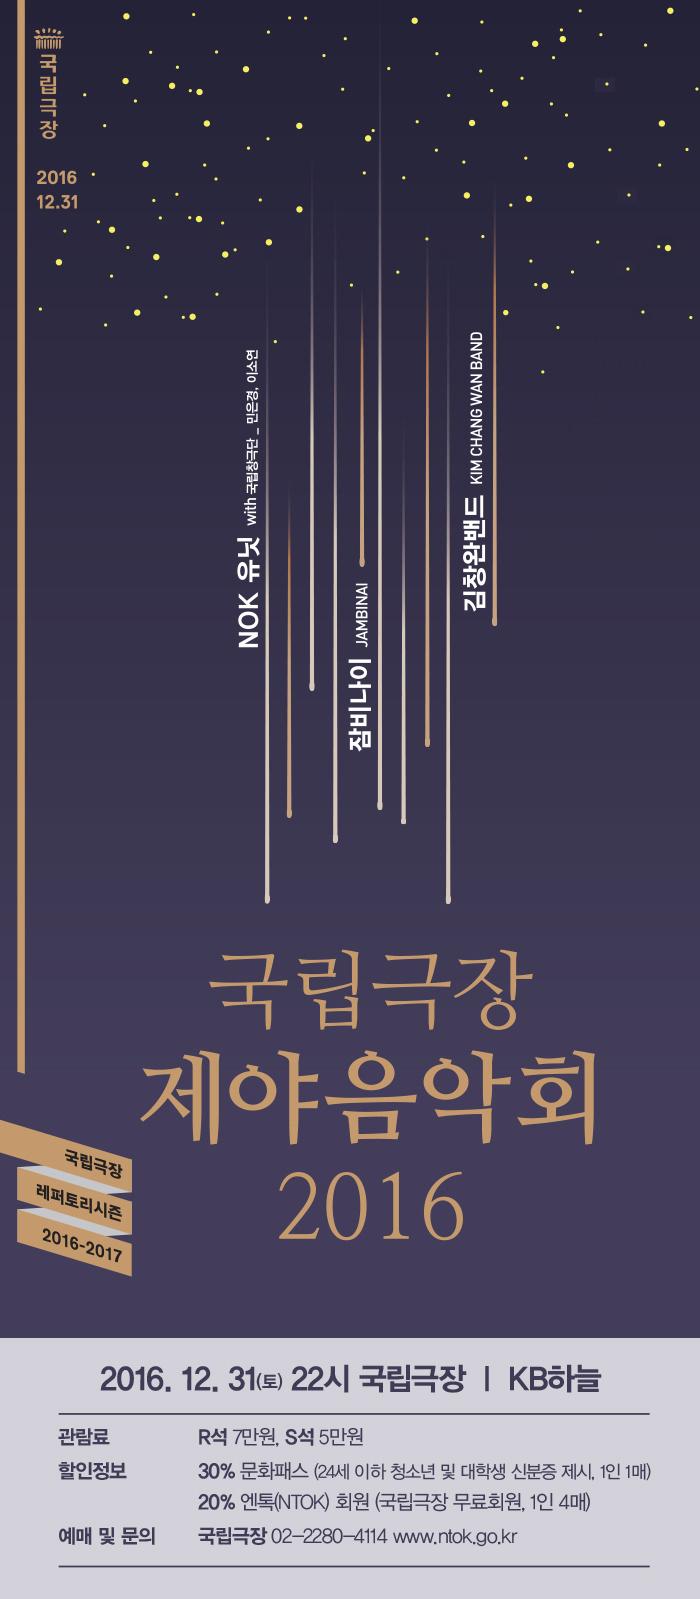 2016 국립극장 제야음악회 / 2016.12.31(토) 국립극장 KB하늘